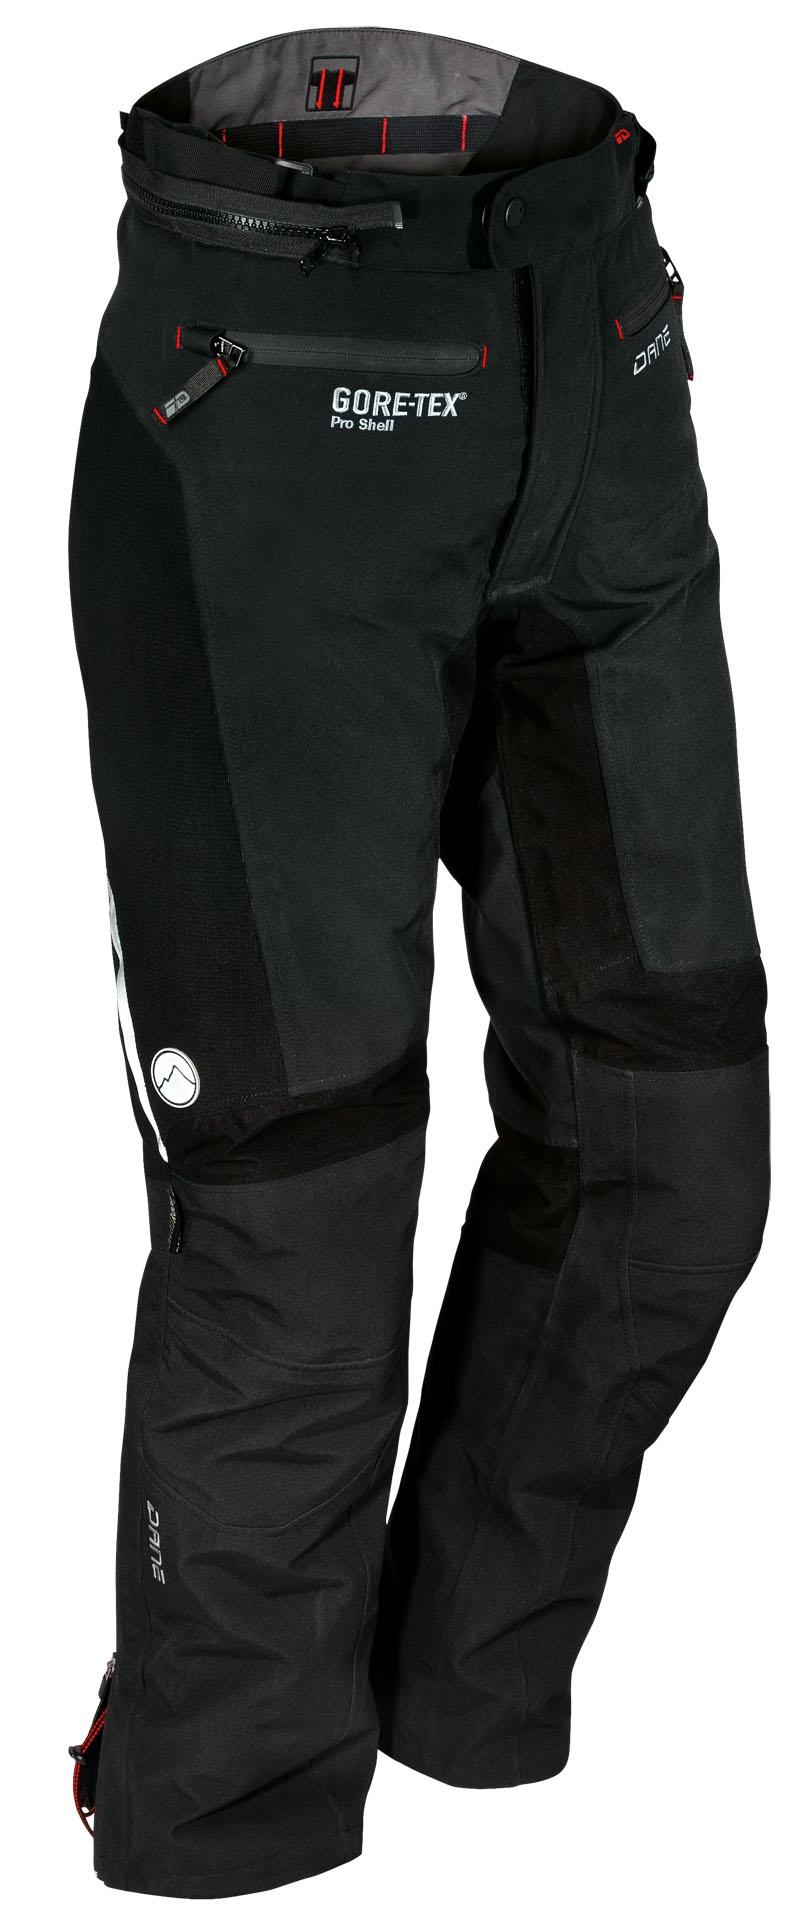 Pantalon Lyngby Gore-tex PRO - shell Noir - Dane